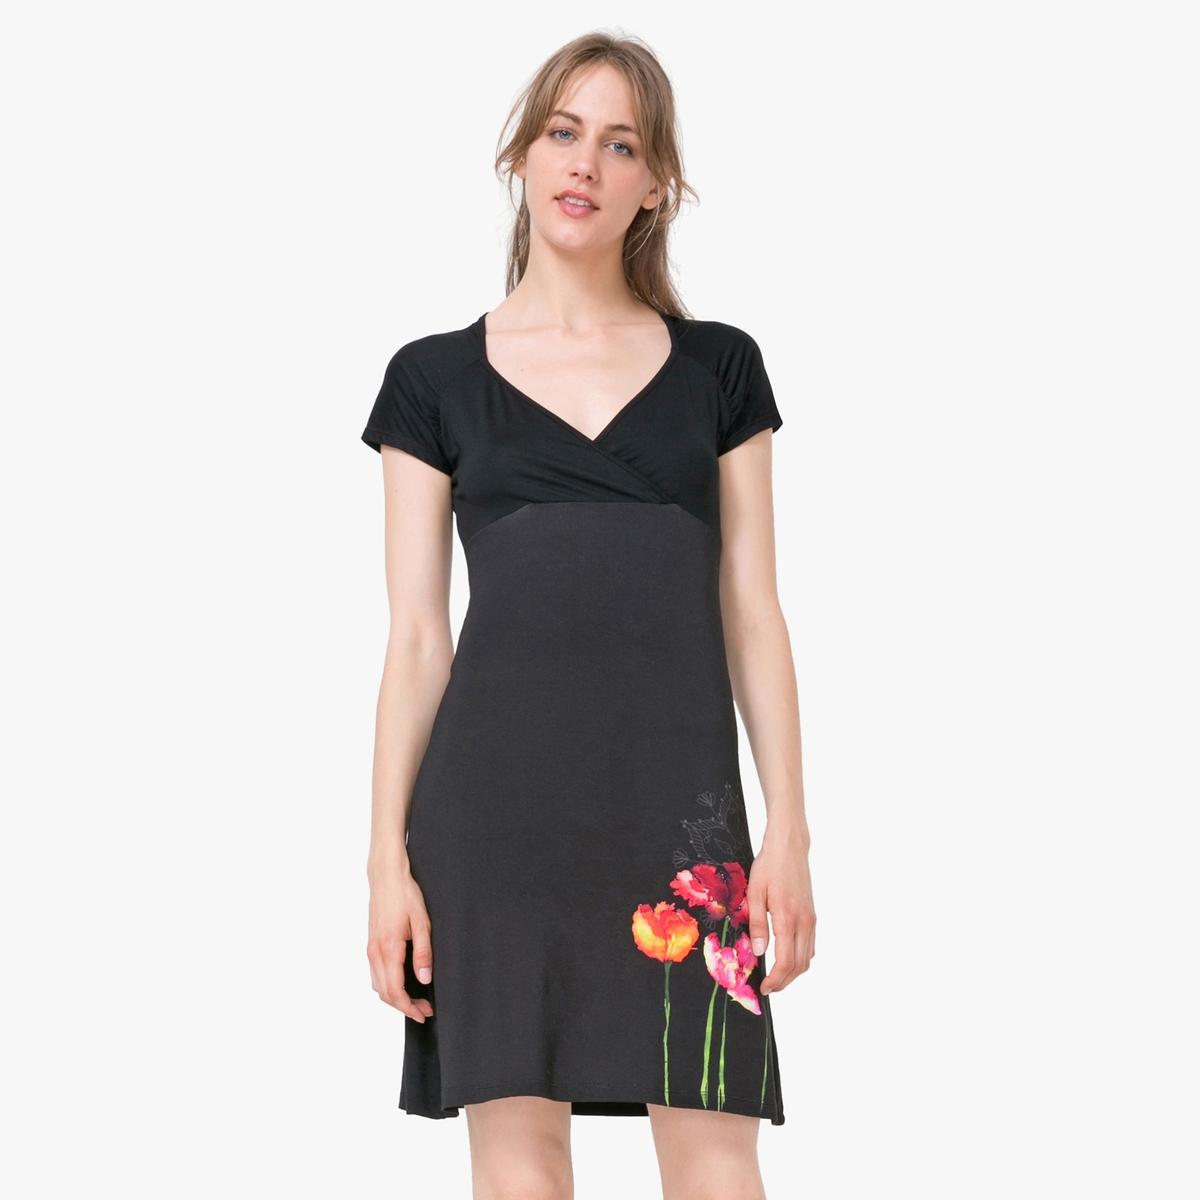 Платье с короткими рукавами, глубоким вырезом и цветочным рисункомМатериал : 95% вискозы, 5% эластана  Длина рукава : короткие рукава  Форма воротника : V-образный вырез Покрой платья : расклешенный покрой Рисунок : цветочный  Особенность платья : вырез спереди Длина платья : короткое<br><br>Цвет: черный<br>Размер: M